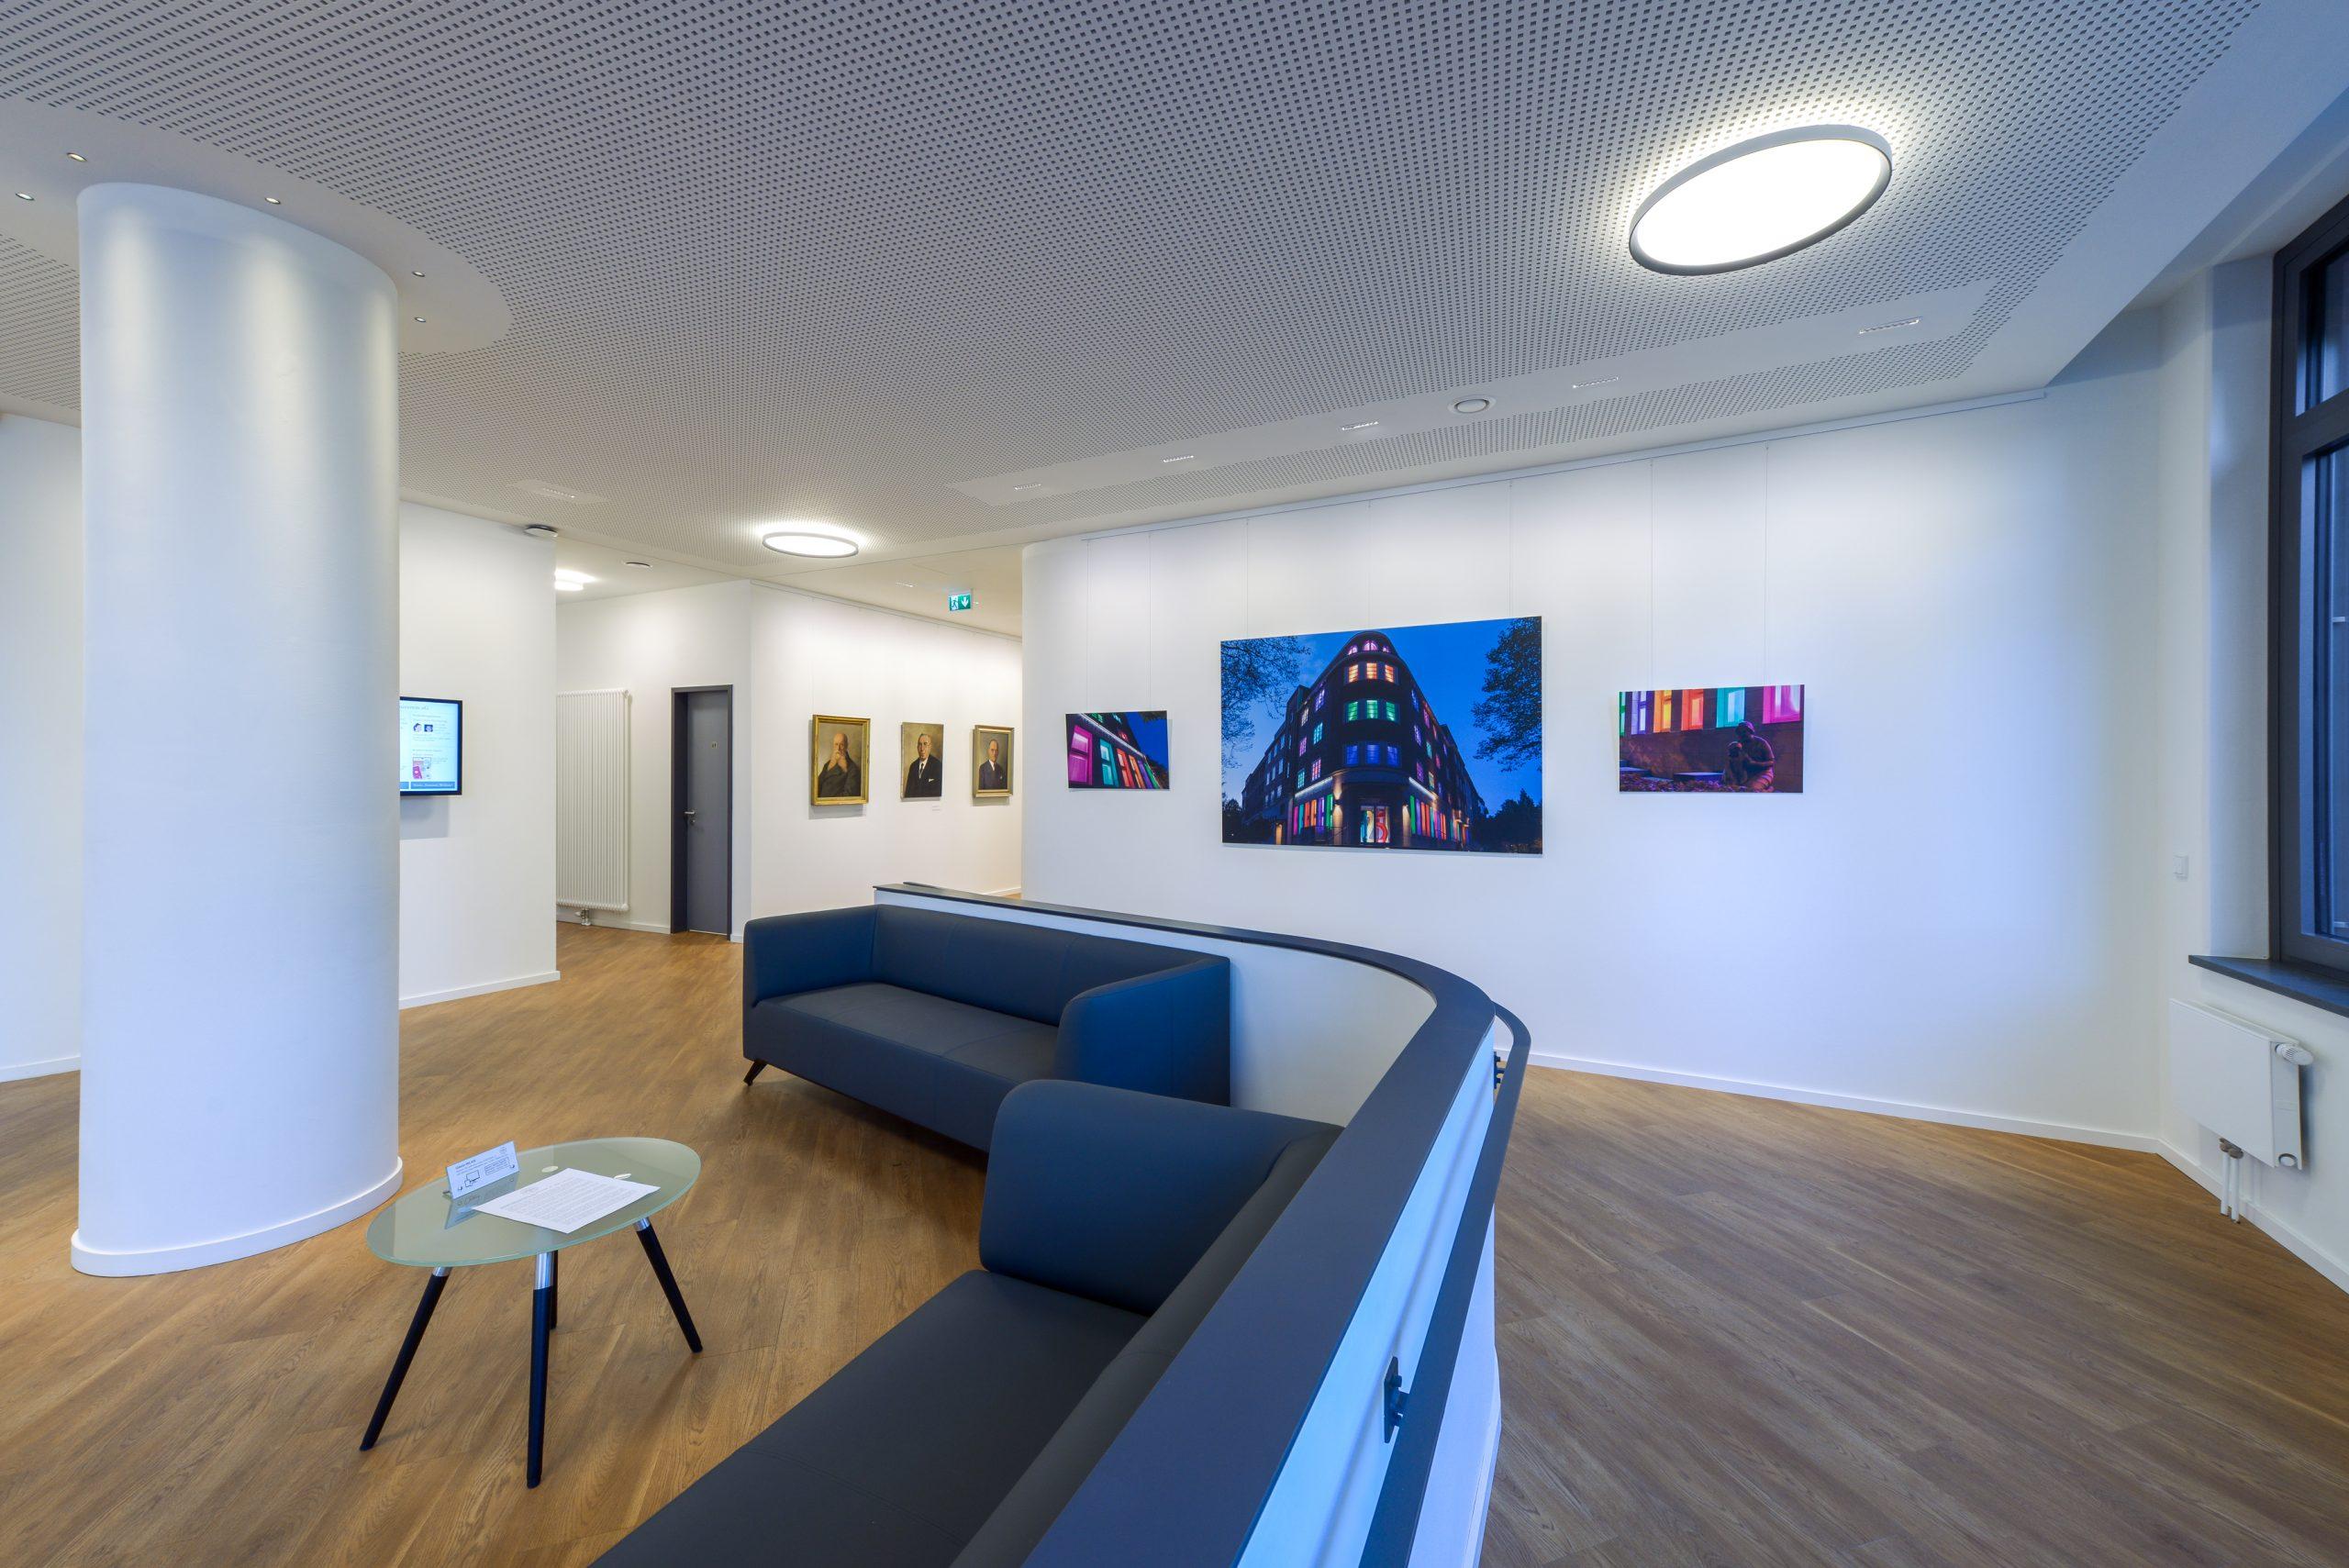 Galeriebild / Beleuchtung des Neubaus der Wohnungsbaugesellschaft Altoba